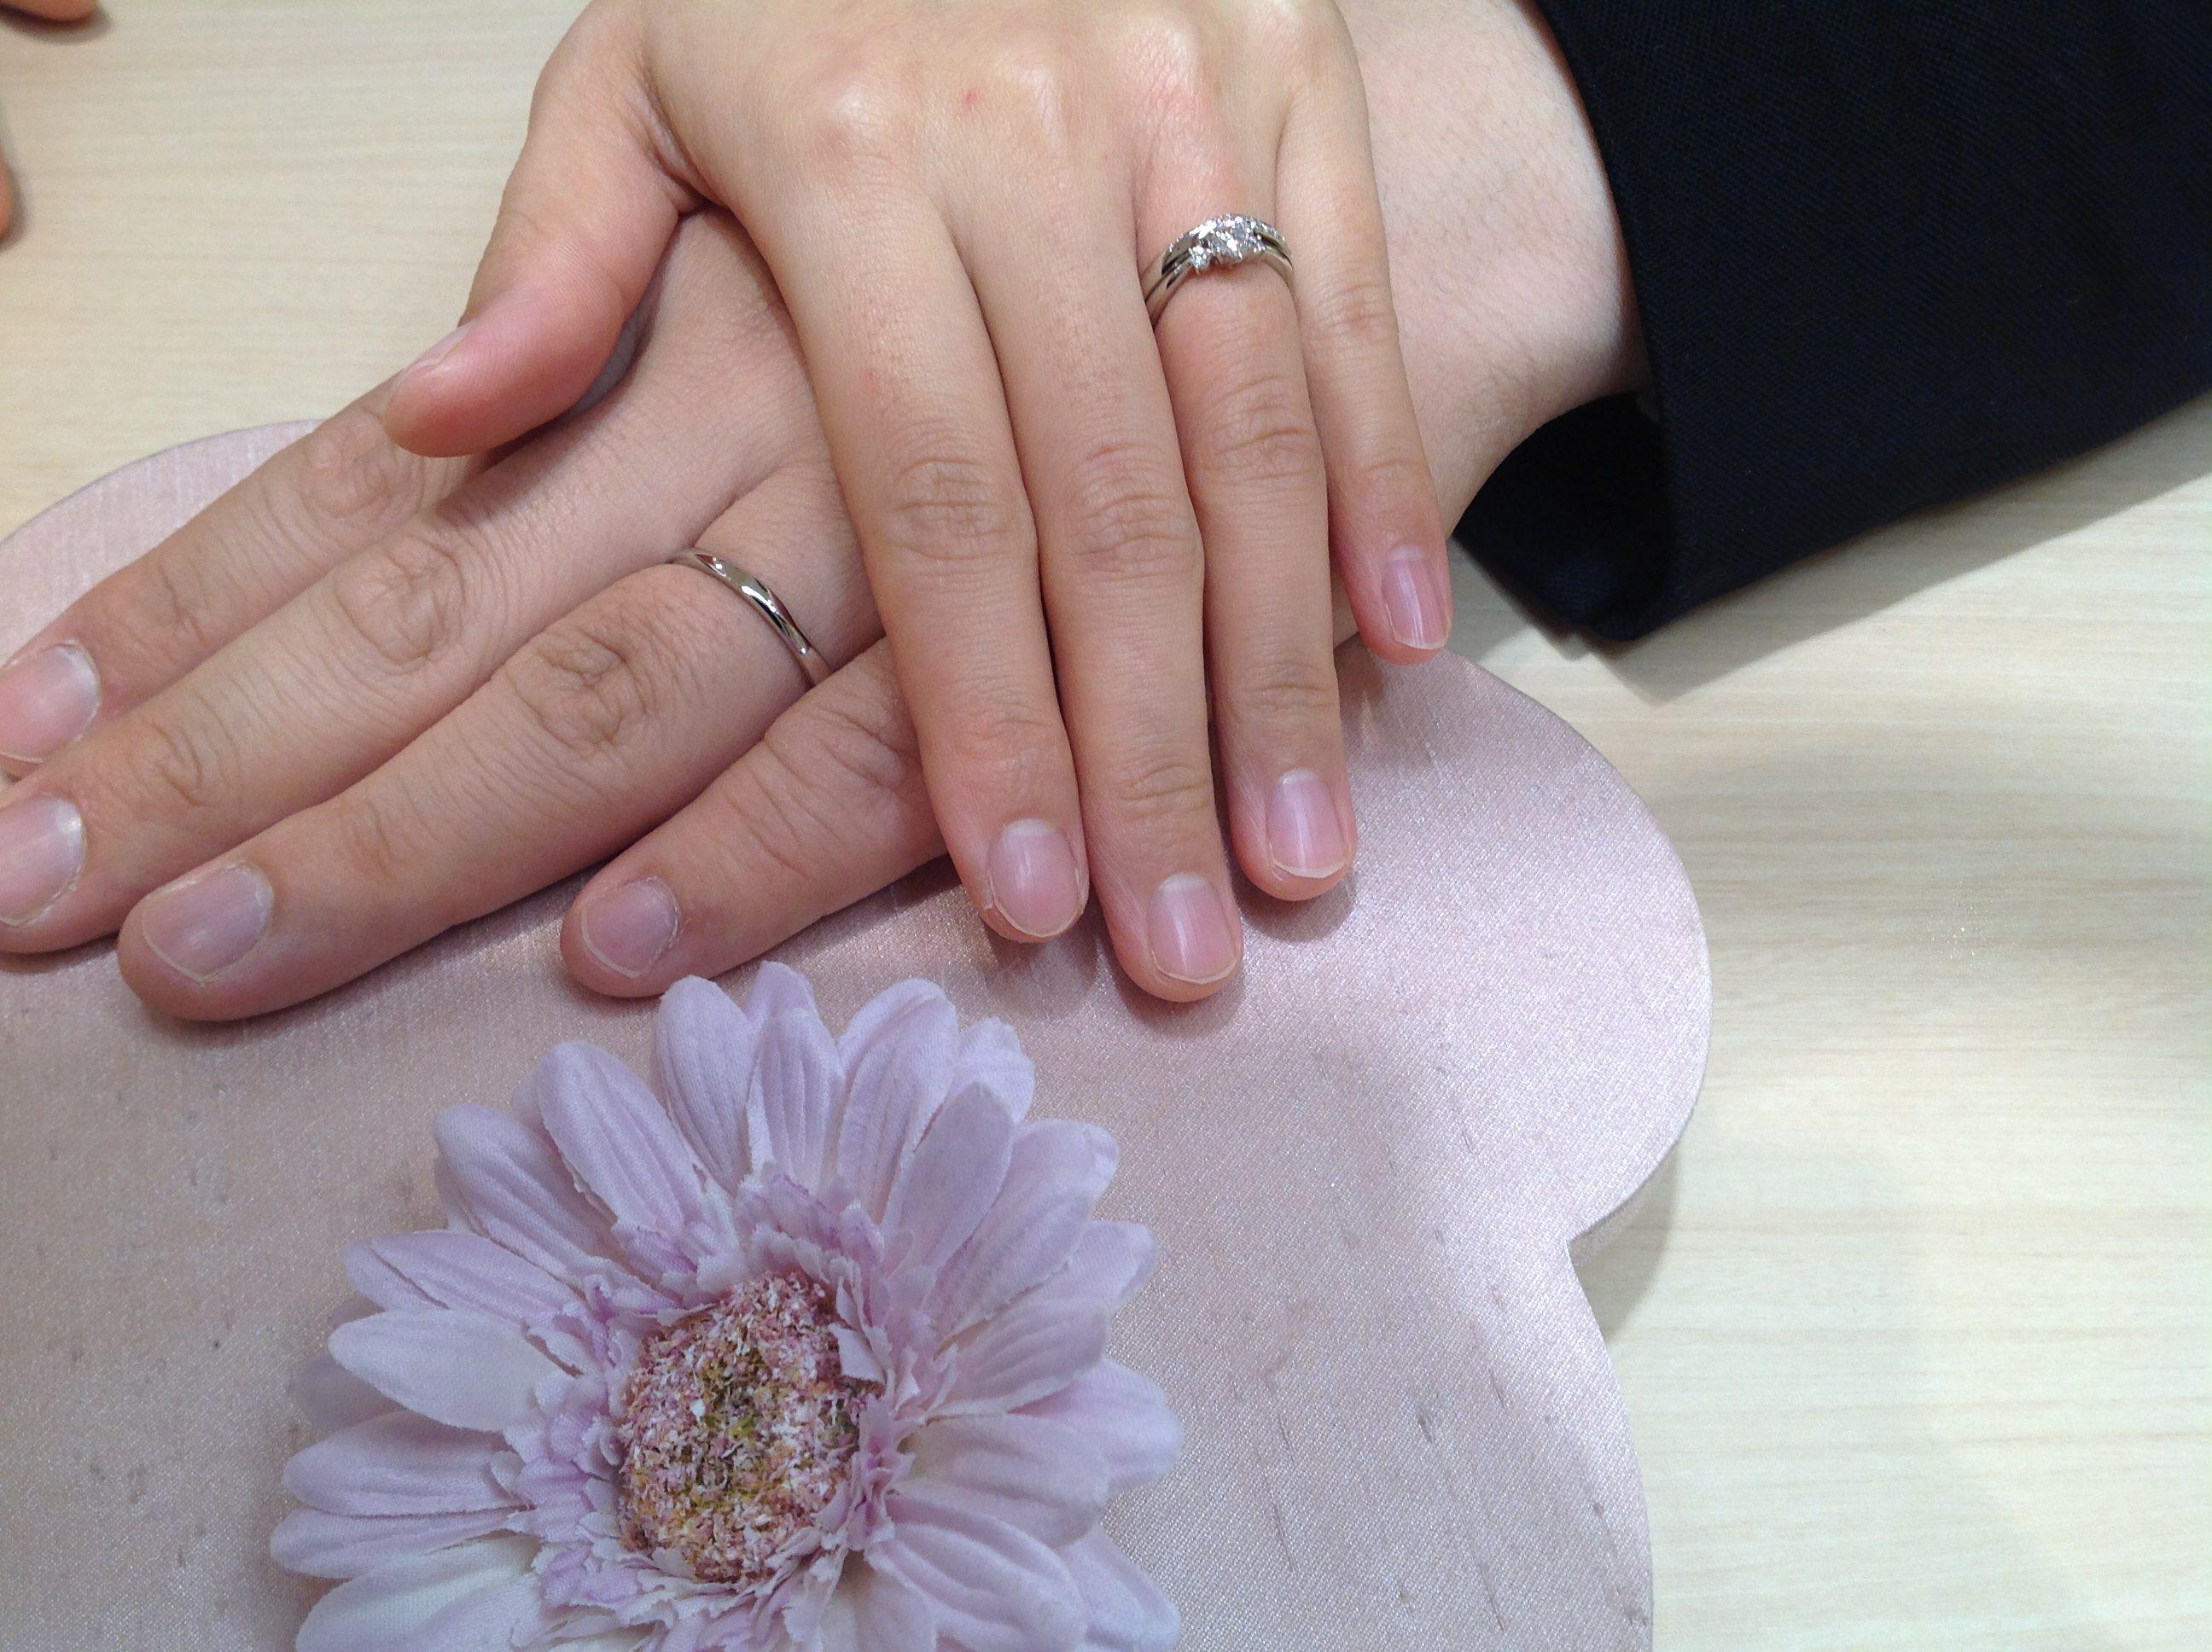 指や手がきれいに見えるデザイン♪のイメージ